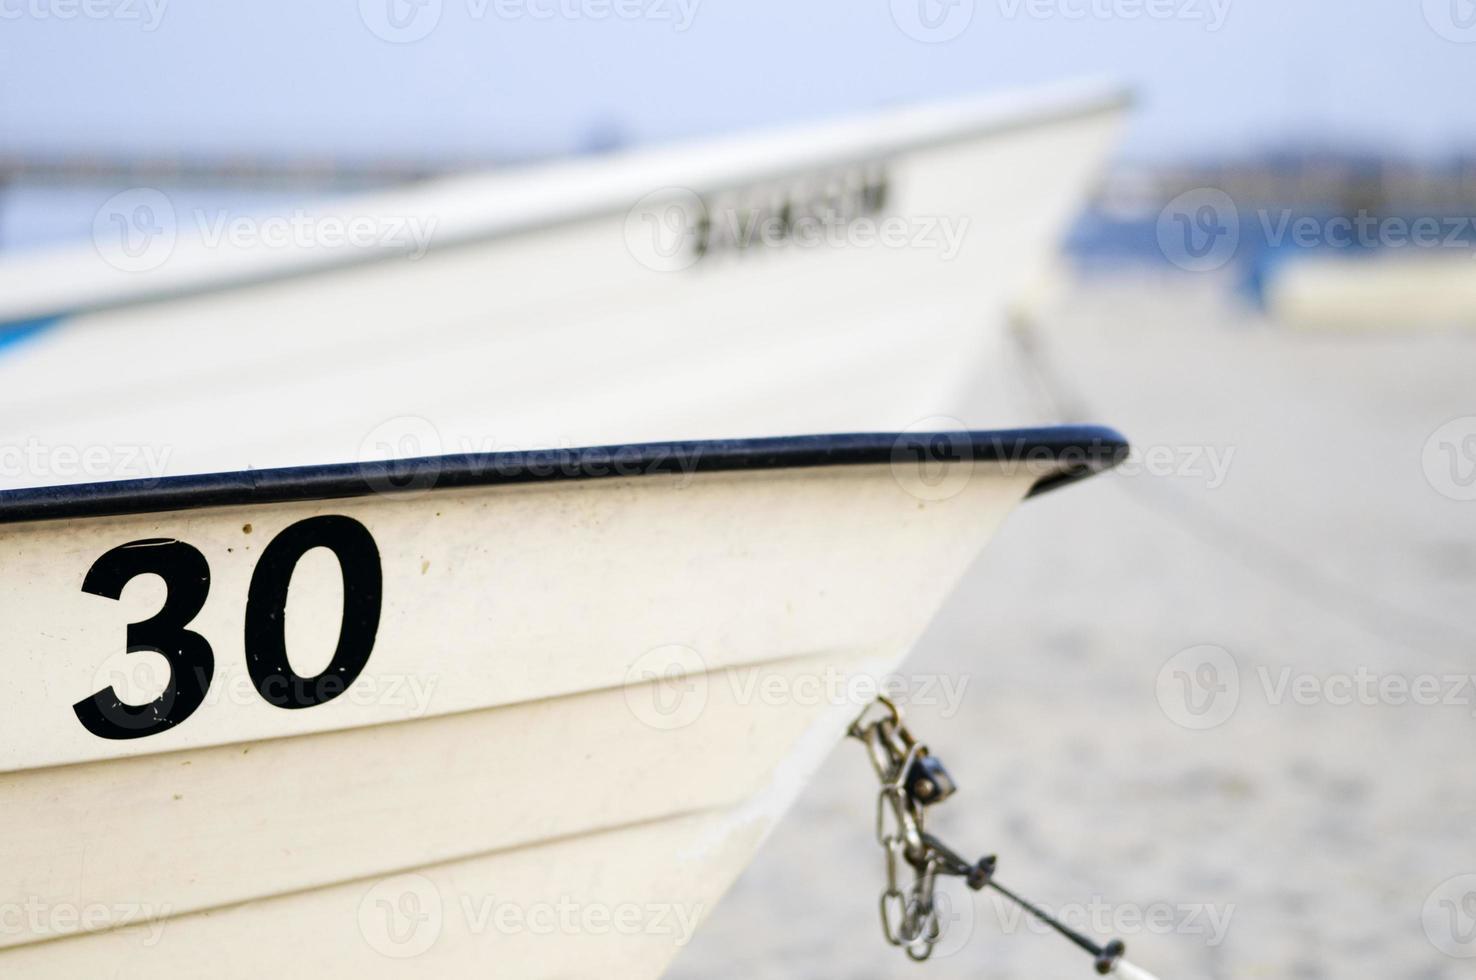 barco 30 foto